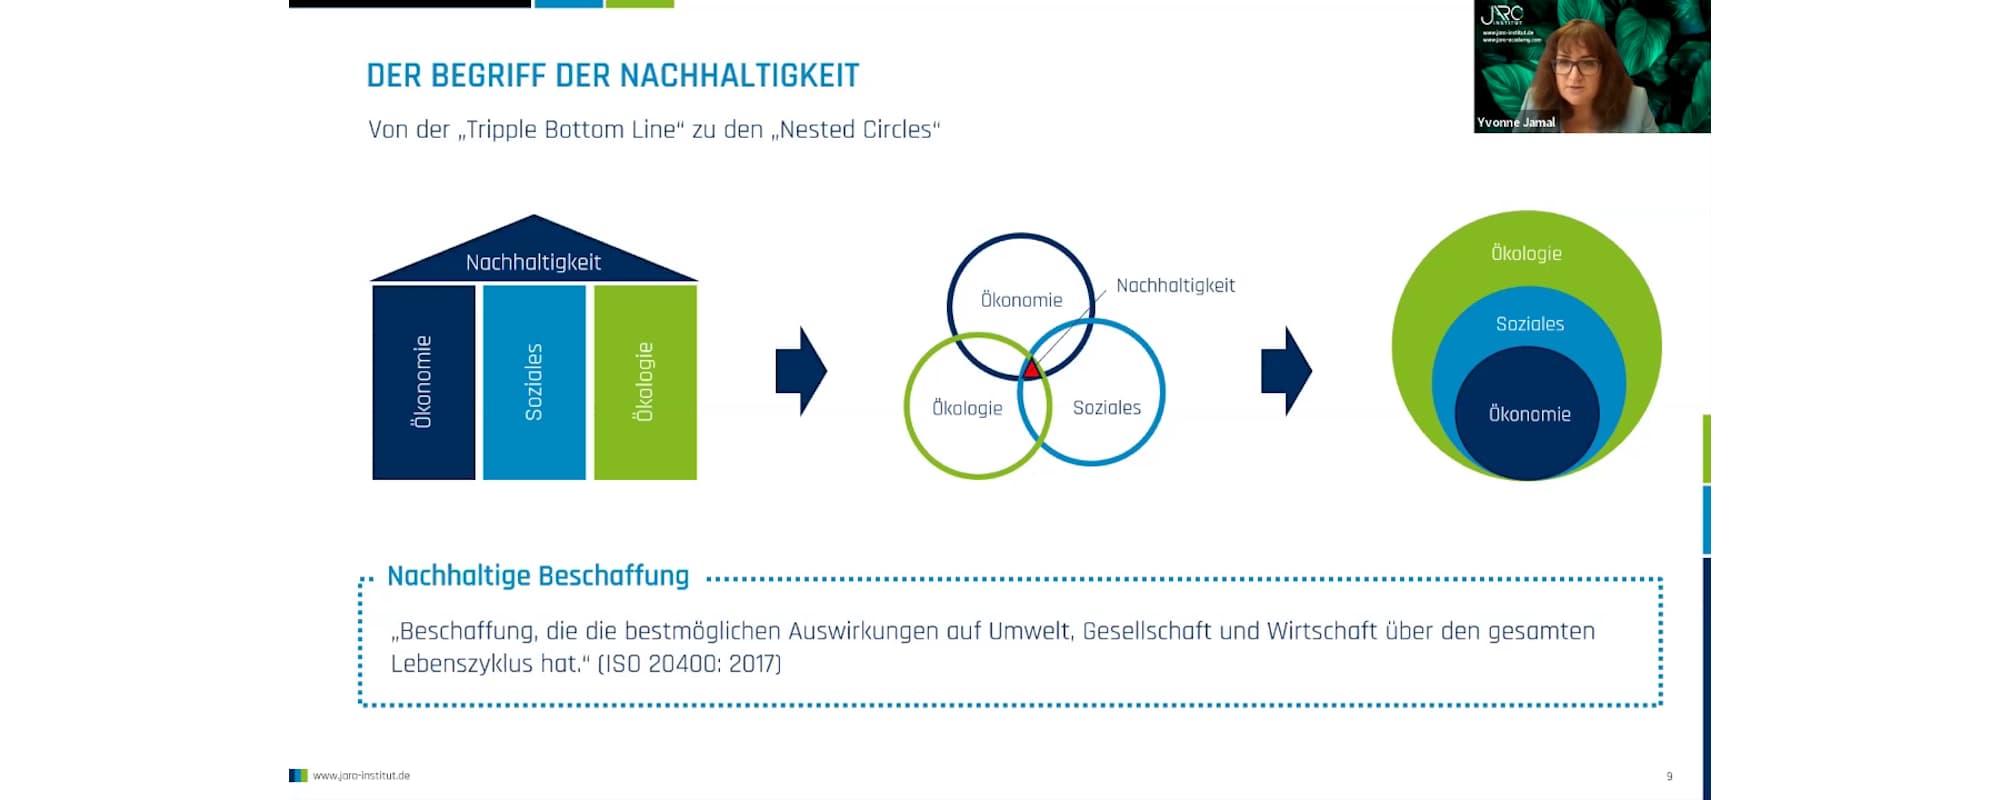 wlw Webinar Nachhaltigkeit Slide